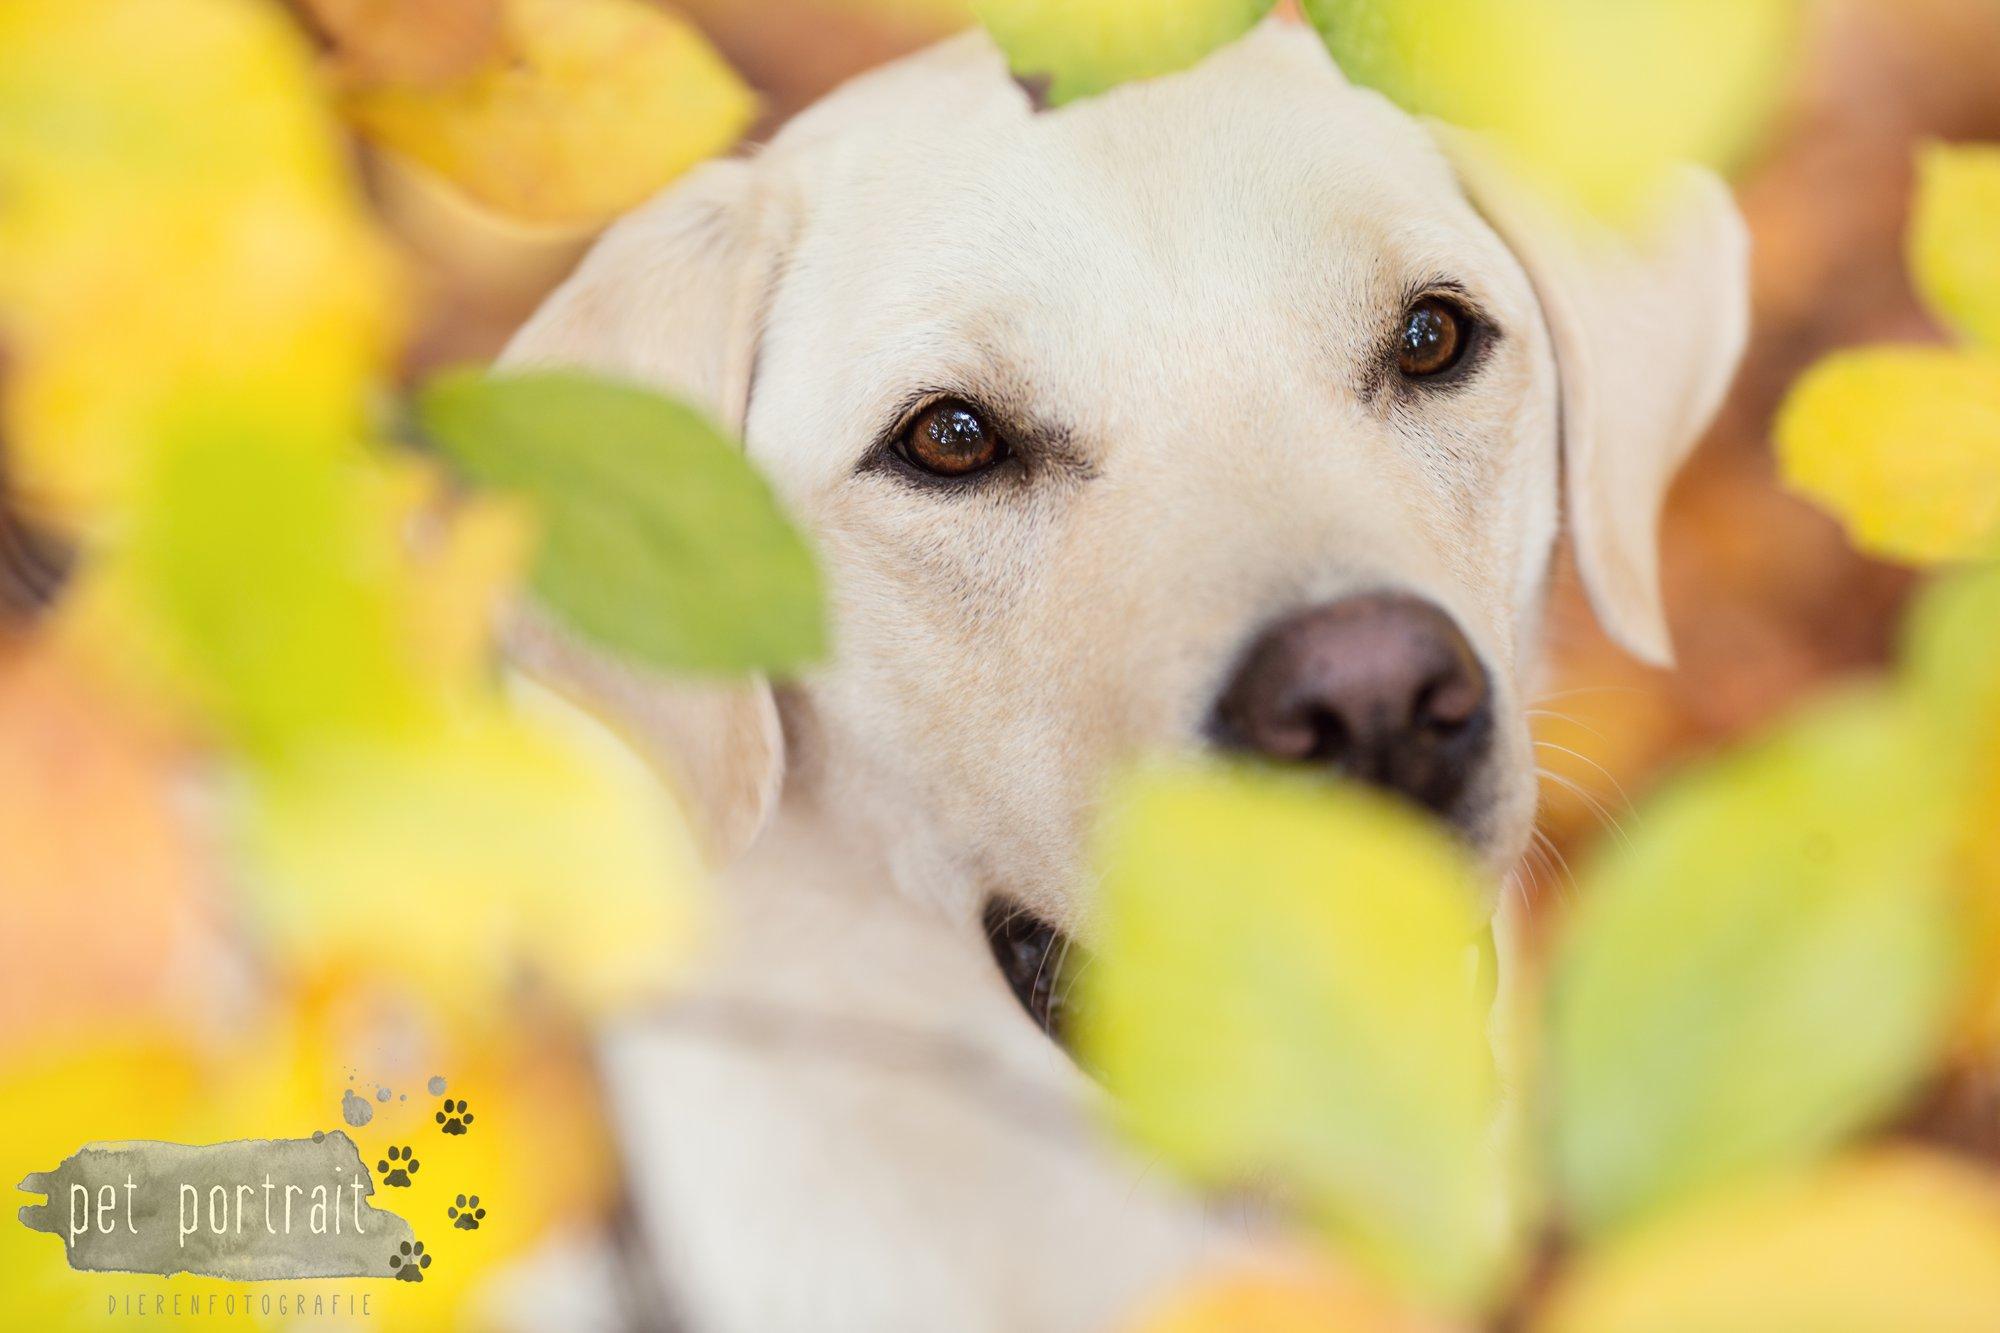 hondenfotograaf-s-graveland-beloved-dier-en-baasje-fotoshoot-labrador-juul-13